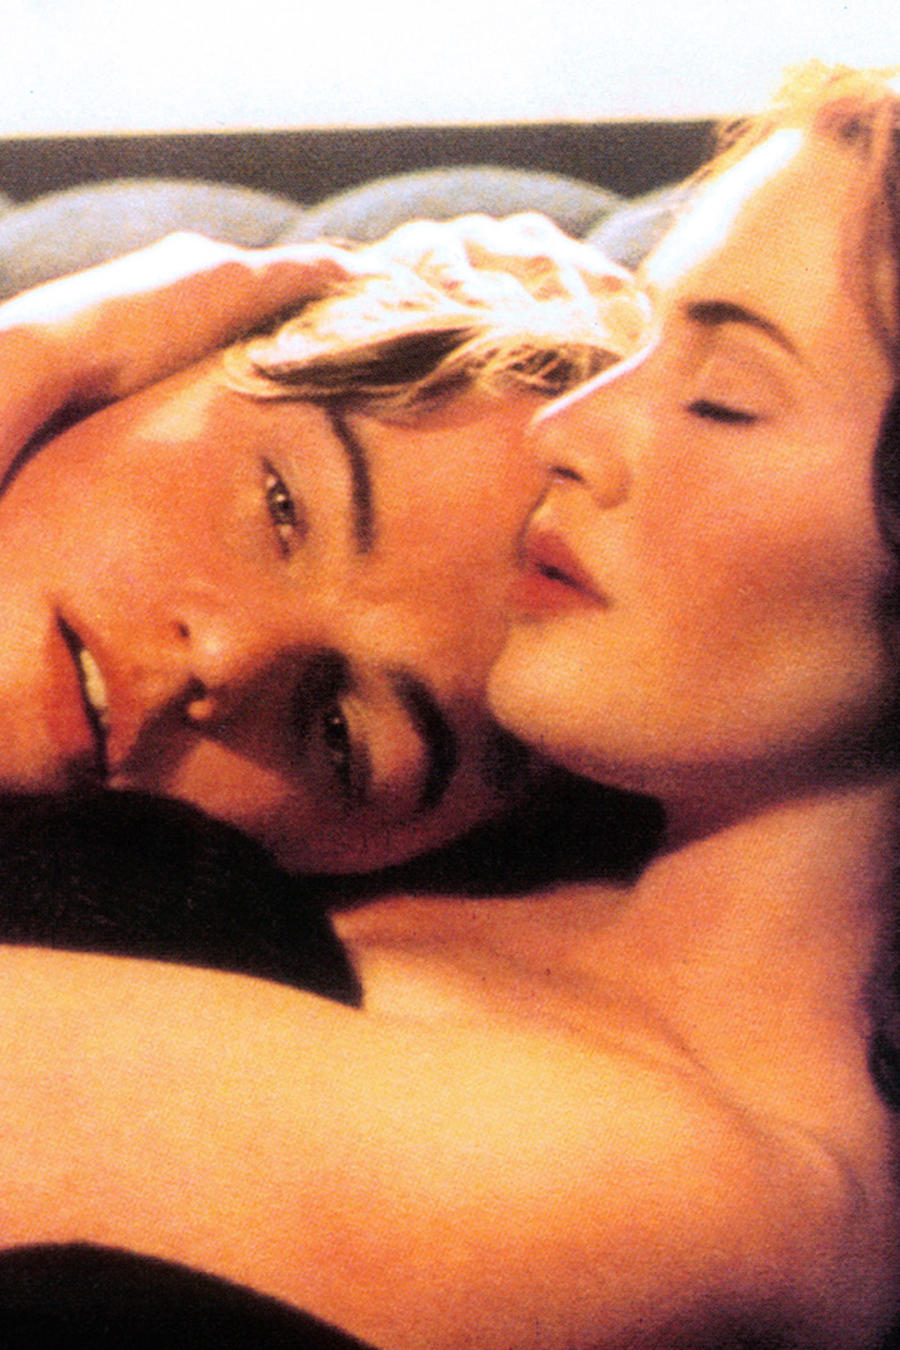 La teoría de Leonardo DiCaprio en Titanic que se ha vuelto viral